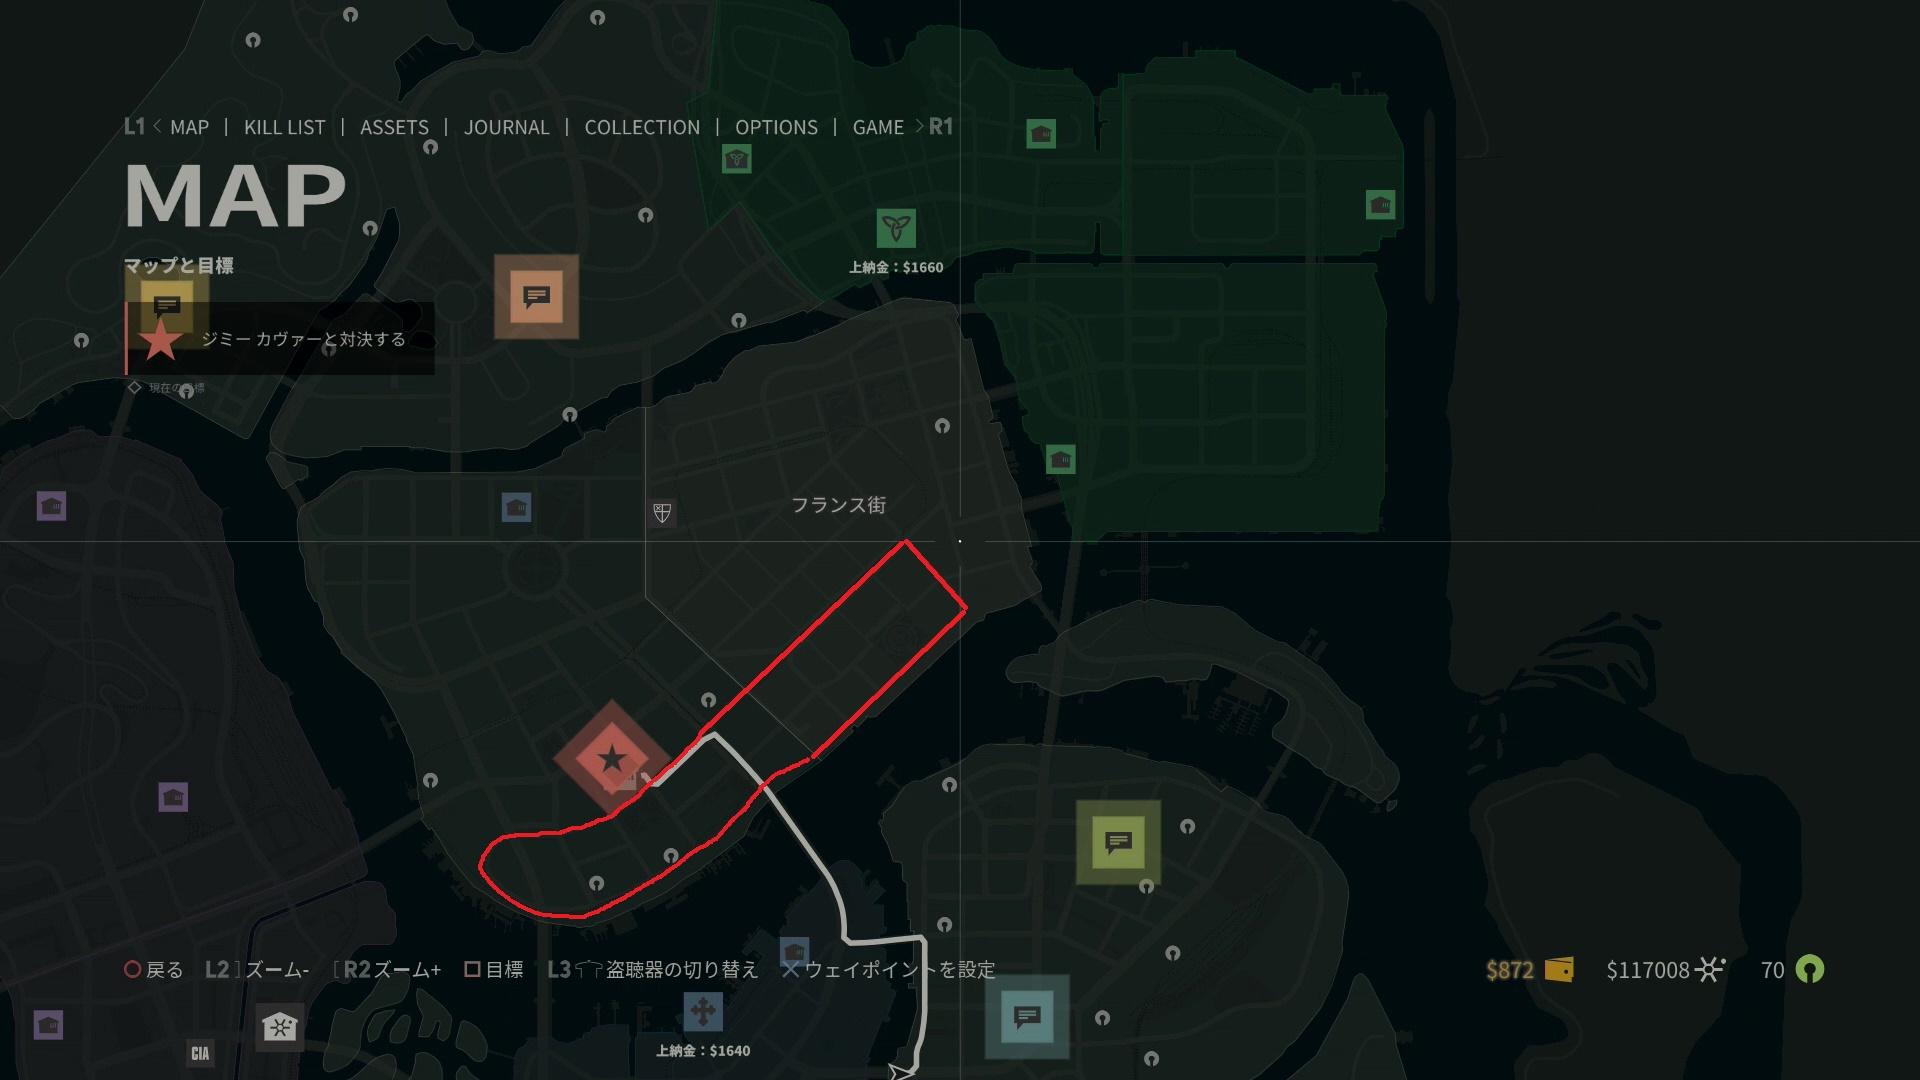 これが今回俺が考えた周回コースだ。赤いラインで引いてみたが、フランス街とダウンタウンの海岸沿いの直線コースを走り、U字ターンを回って反対側は主に路面電車の線路上を走るシンプルな周回コースだ